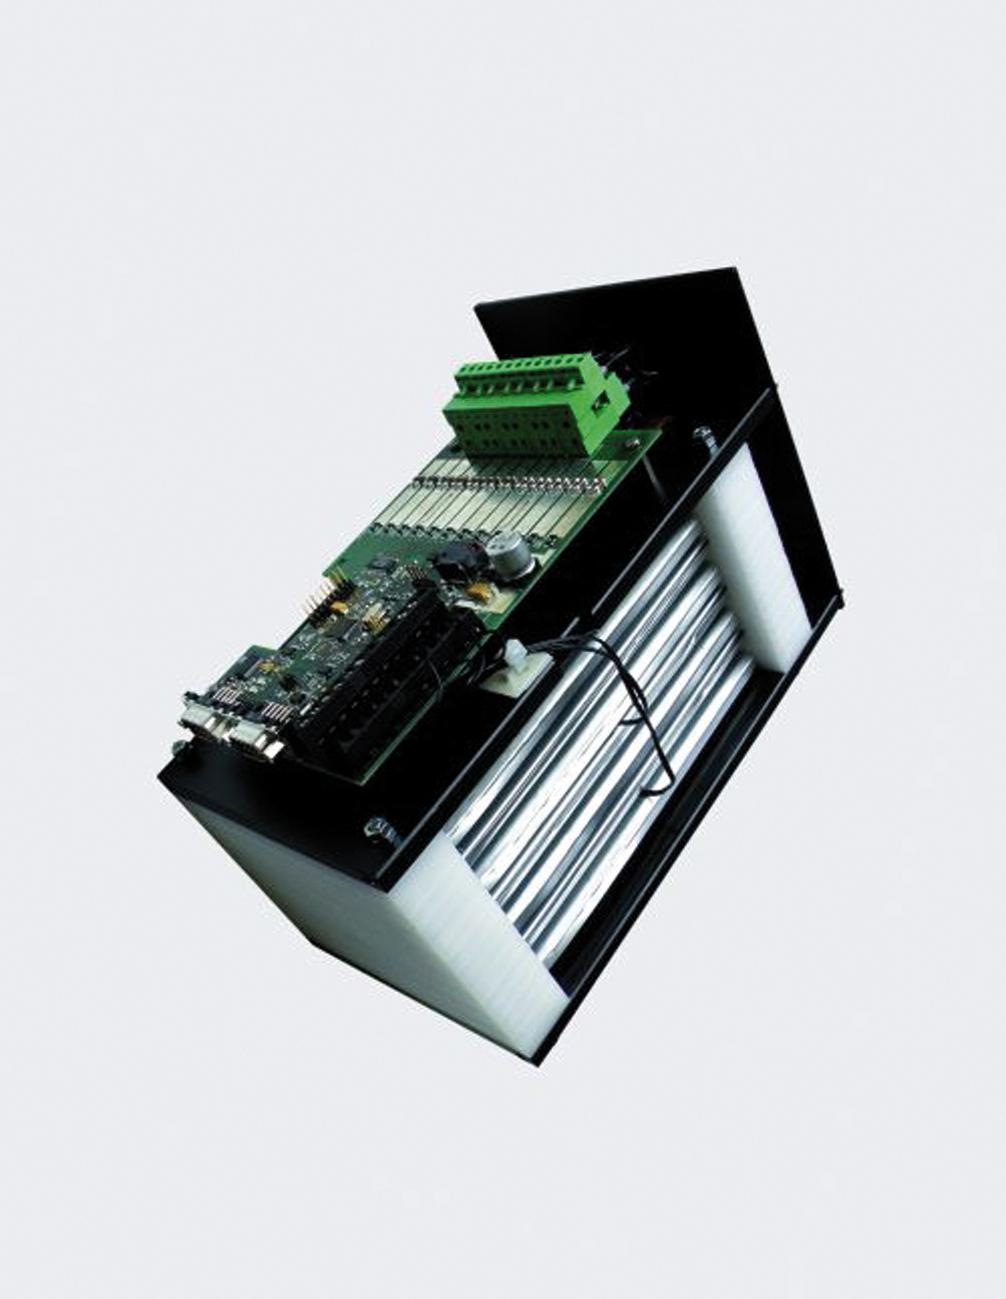 Lithium-Ionen-Batteriemodul mit (elektronischem) Batteriemanagement. Das Fraunhofer ISE entwickelt Speichersysteme für Solarstrom, deren Lebensdauer jener von Photovoltaikanlagen angepasst ist. ©Fraunhofer ISE